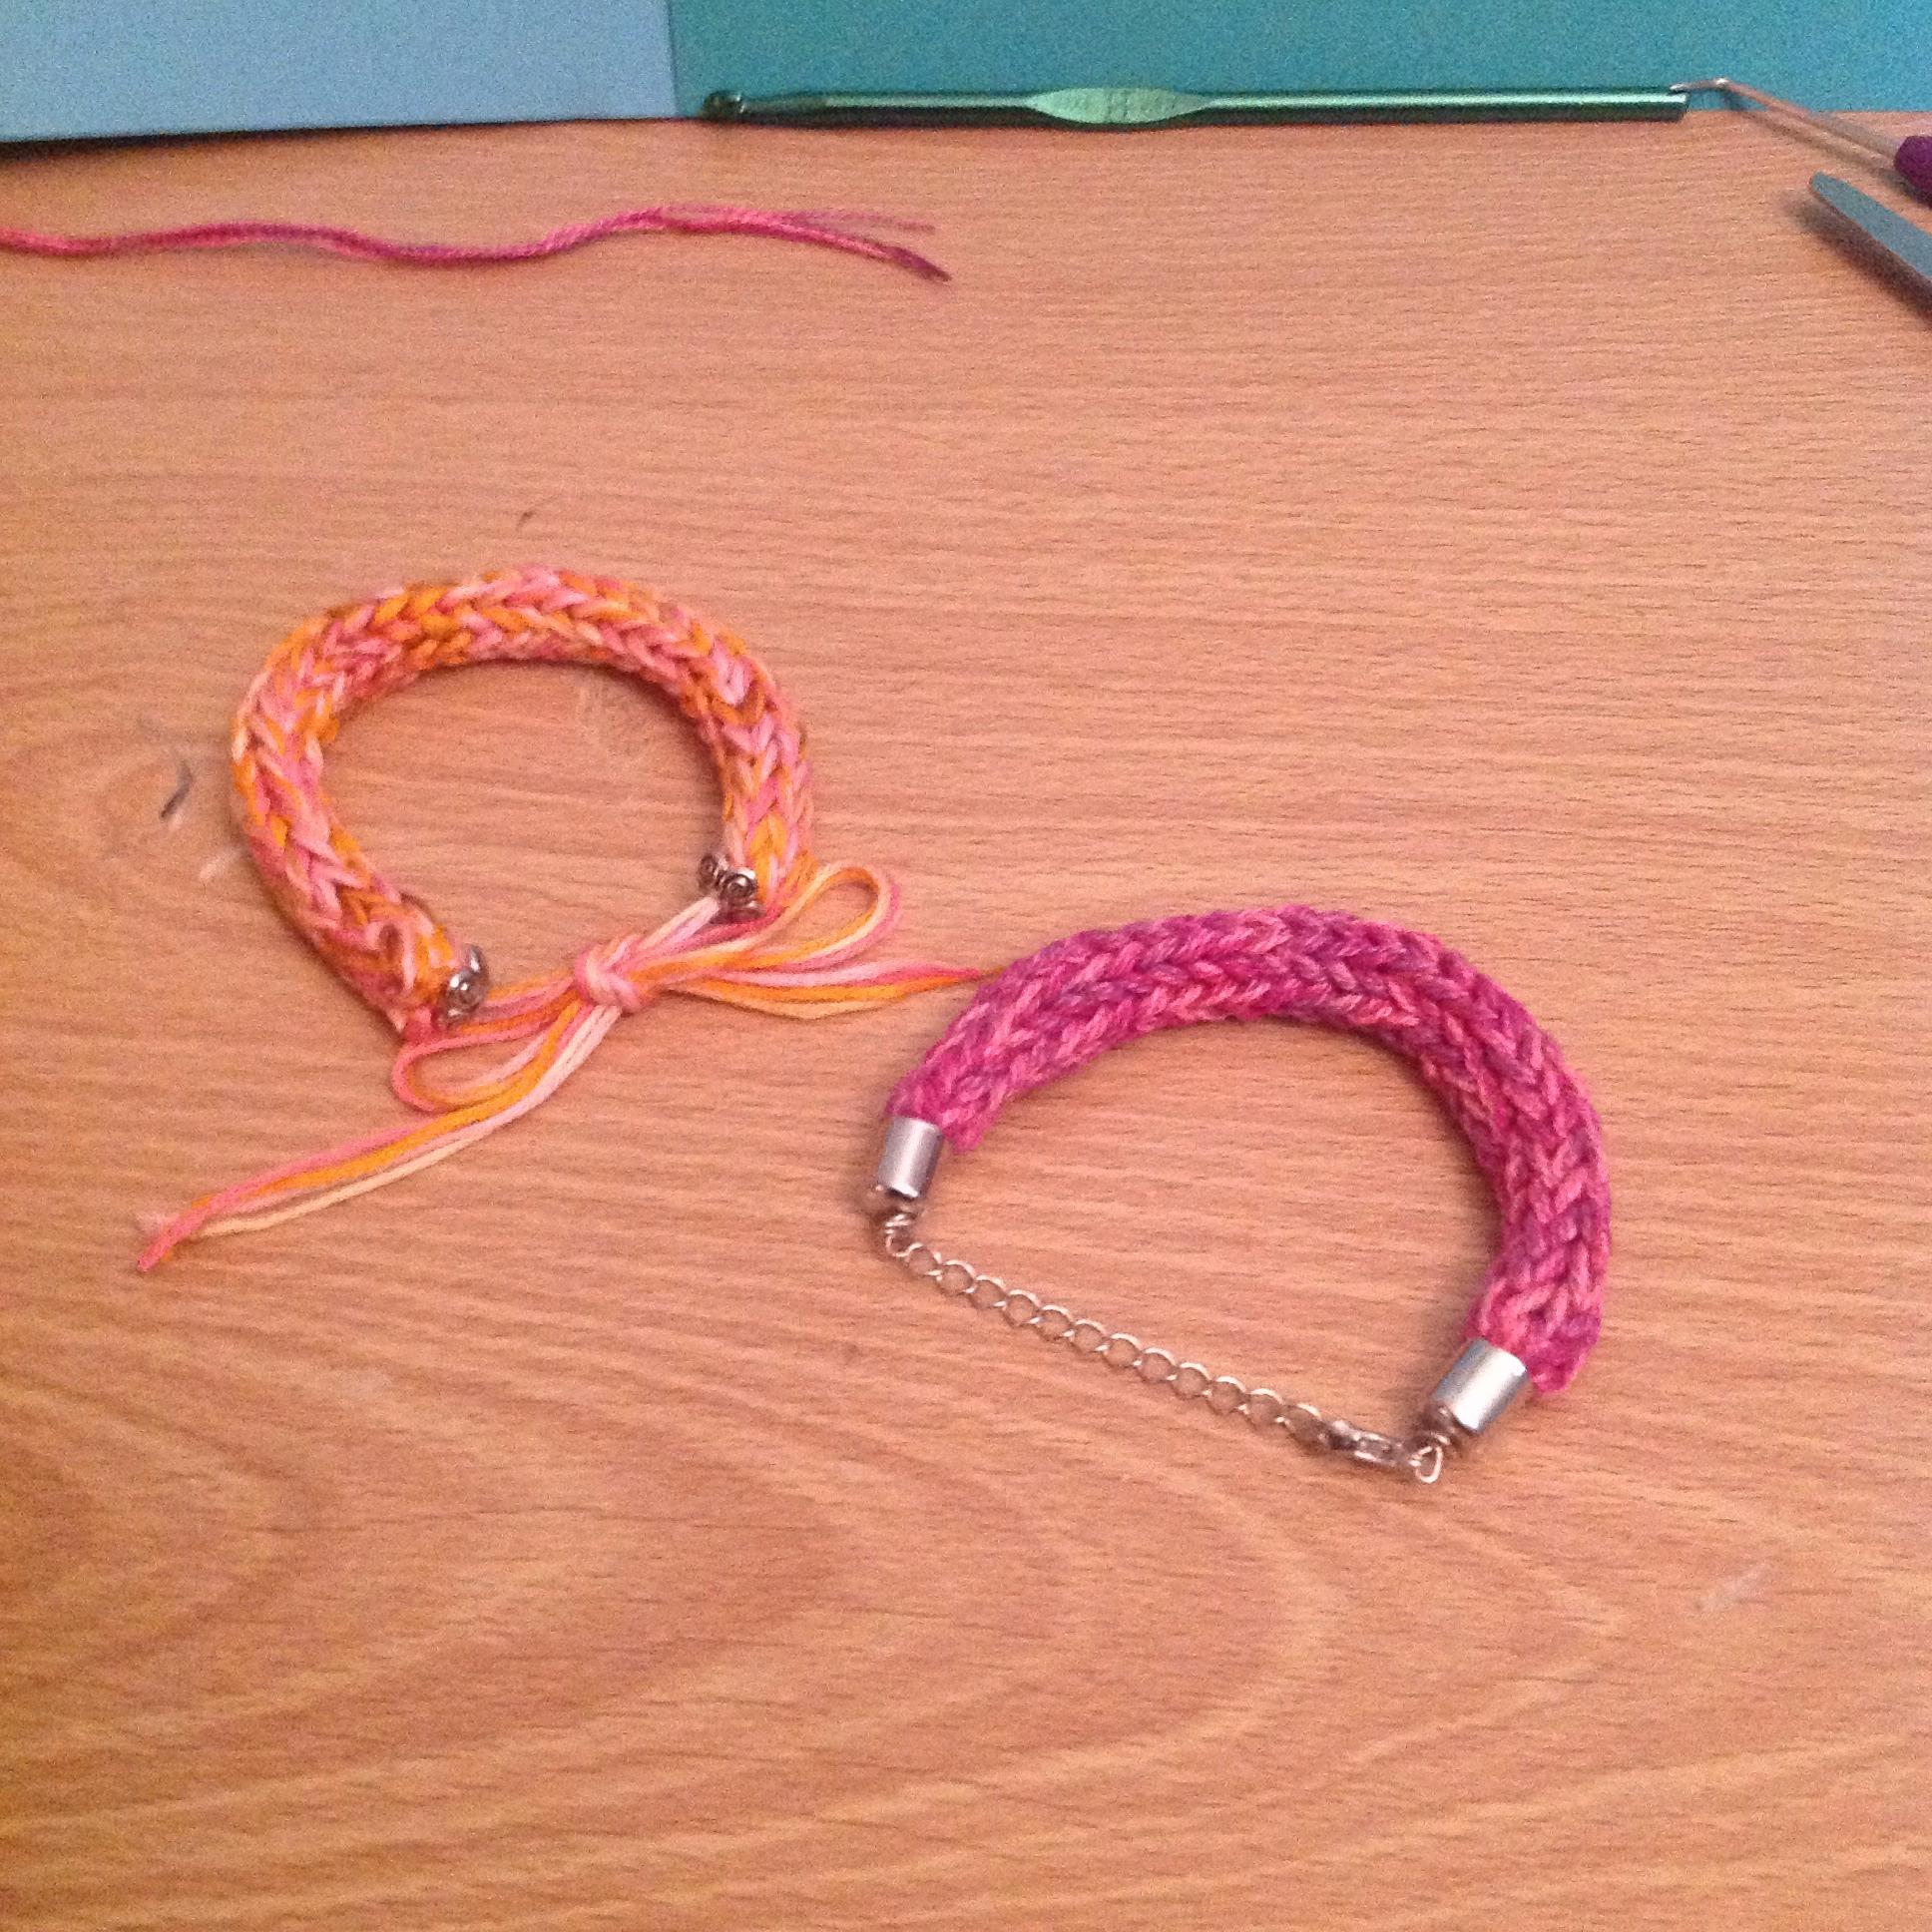 Knitting Loom Friendship Bracelet